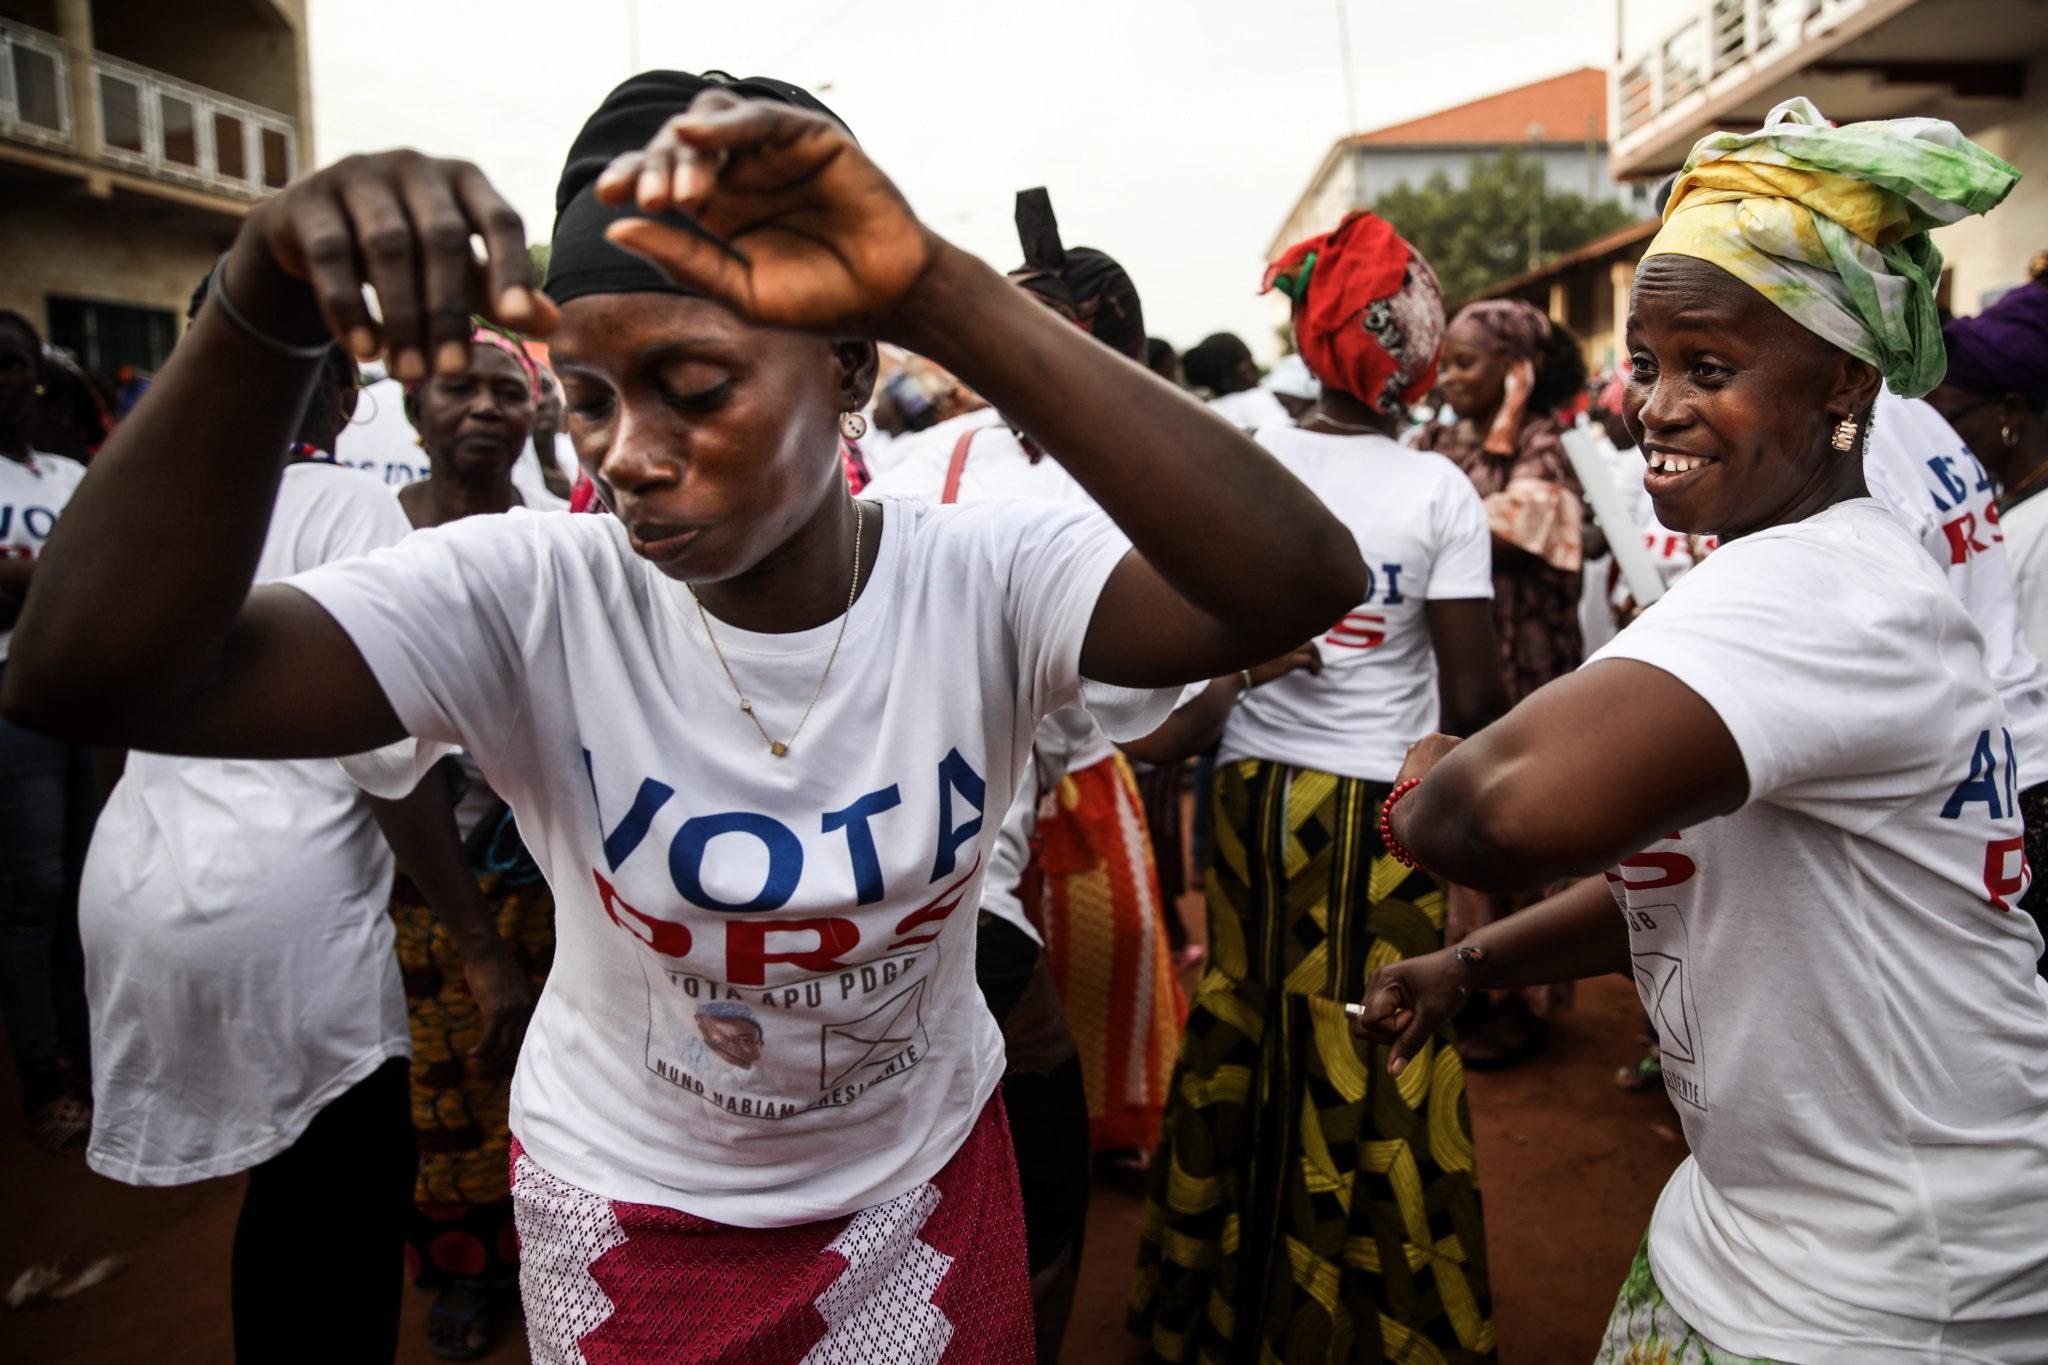 Gwinea Bissau: wiec poparcia dla jednego z kandydatów w wyborach prezydenckich, fot. EPA/ANDRE KOSTERS